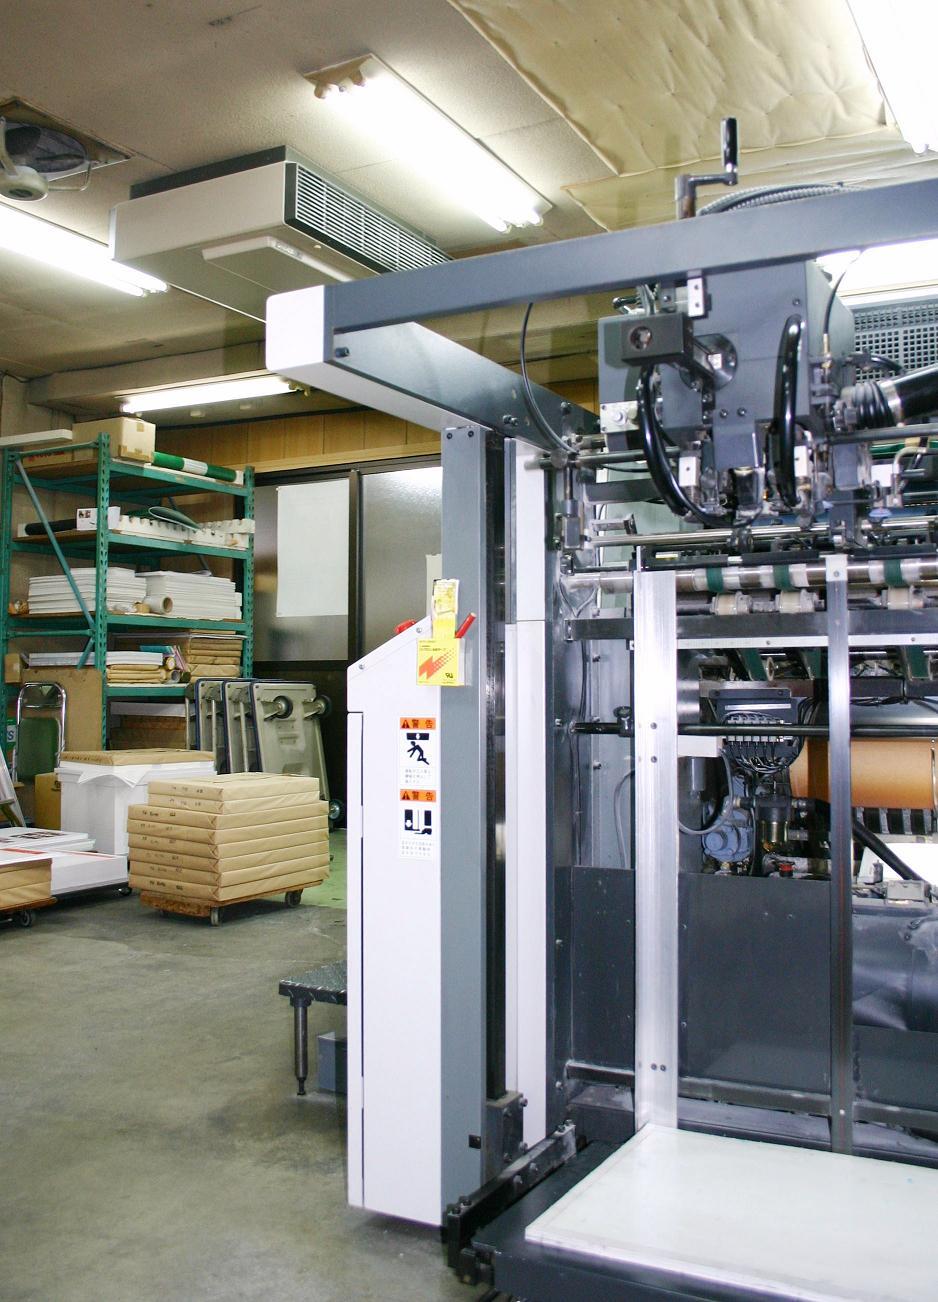 オズプリンティングの印刷工場は事務所に併設されているので、小ロット印刷を早く手軽にできます。